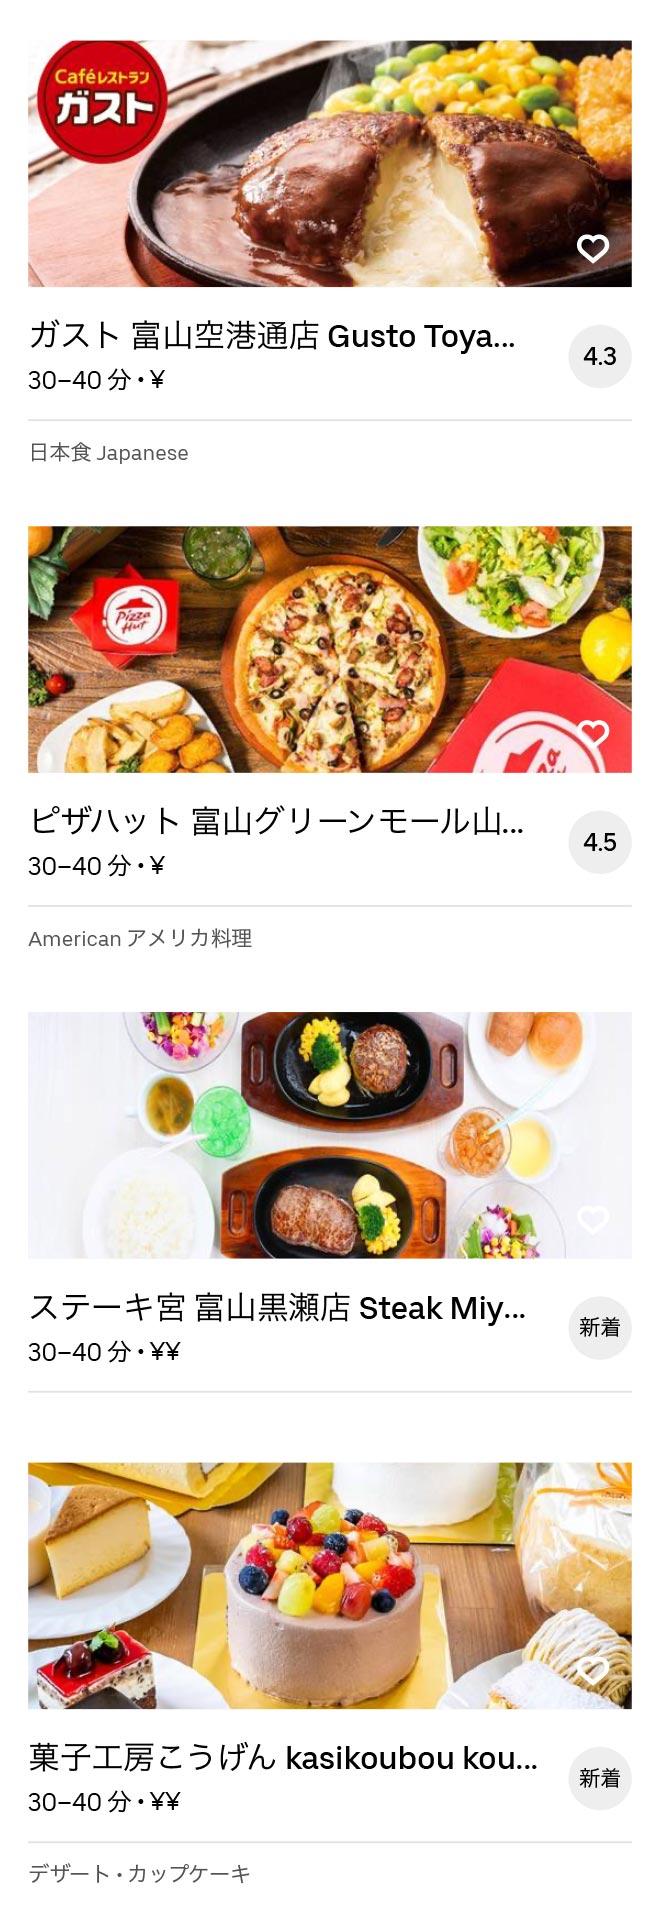 Minami toyama menu 2009 07